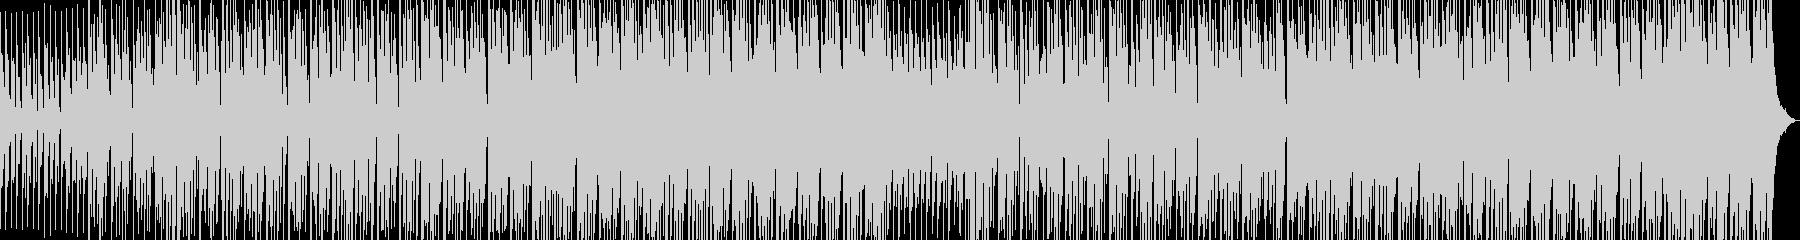 淡々と進むデジタルロックの未再生の波形